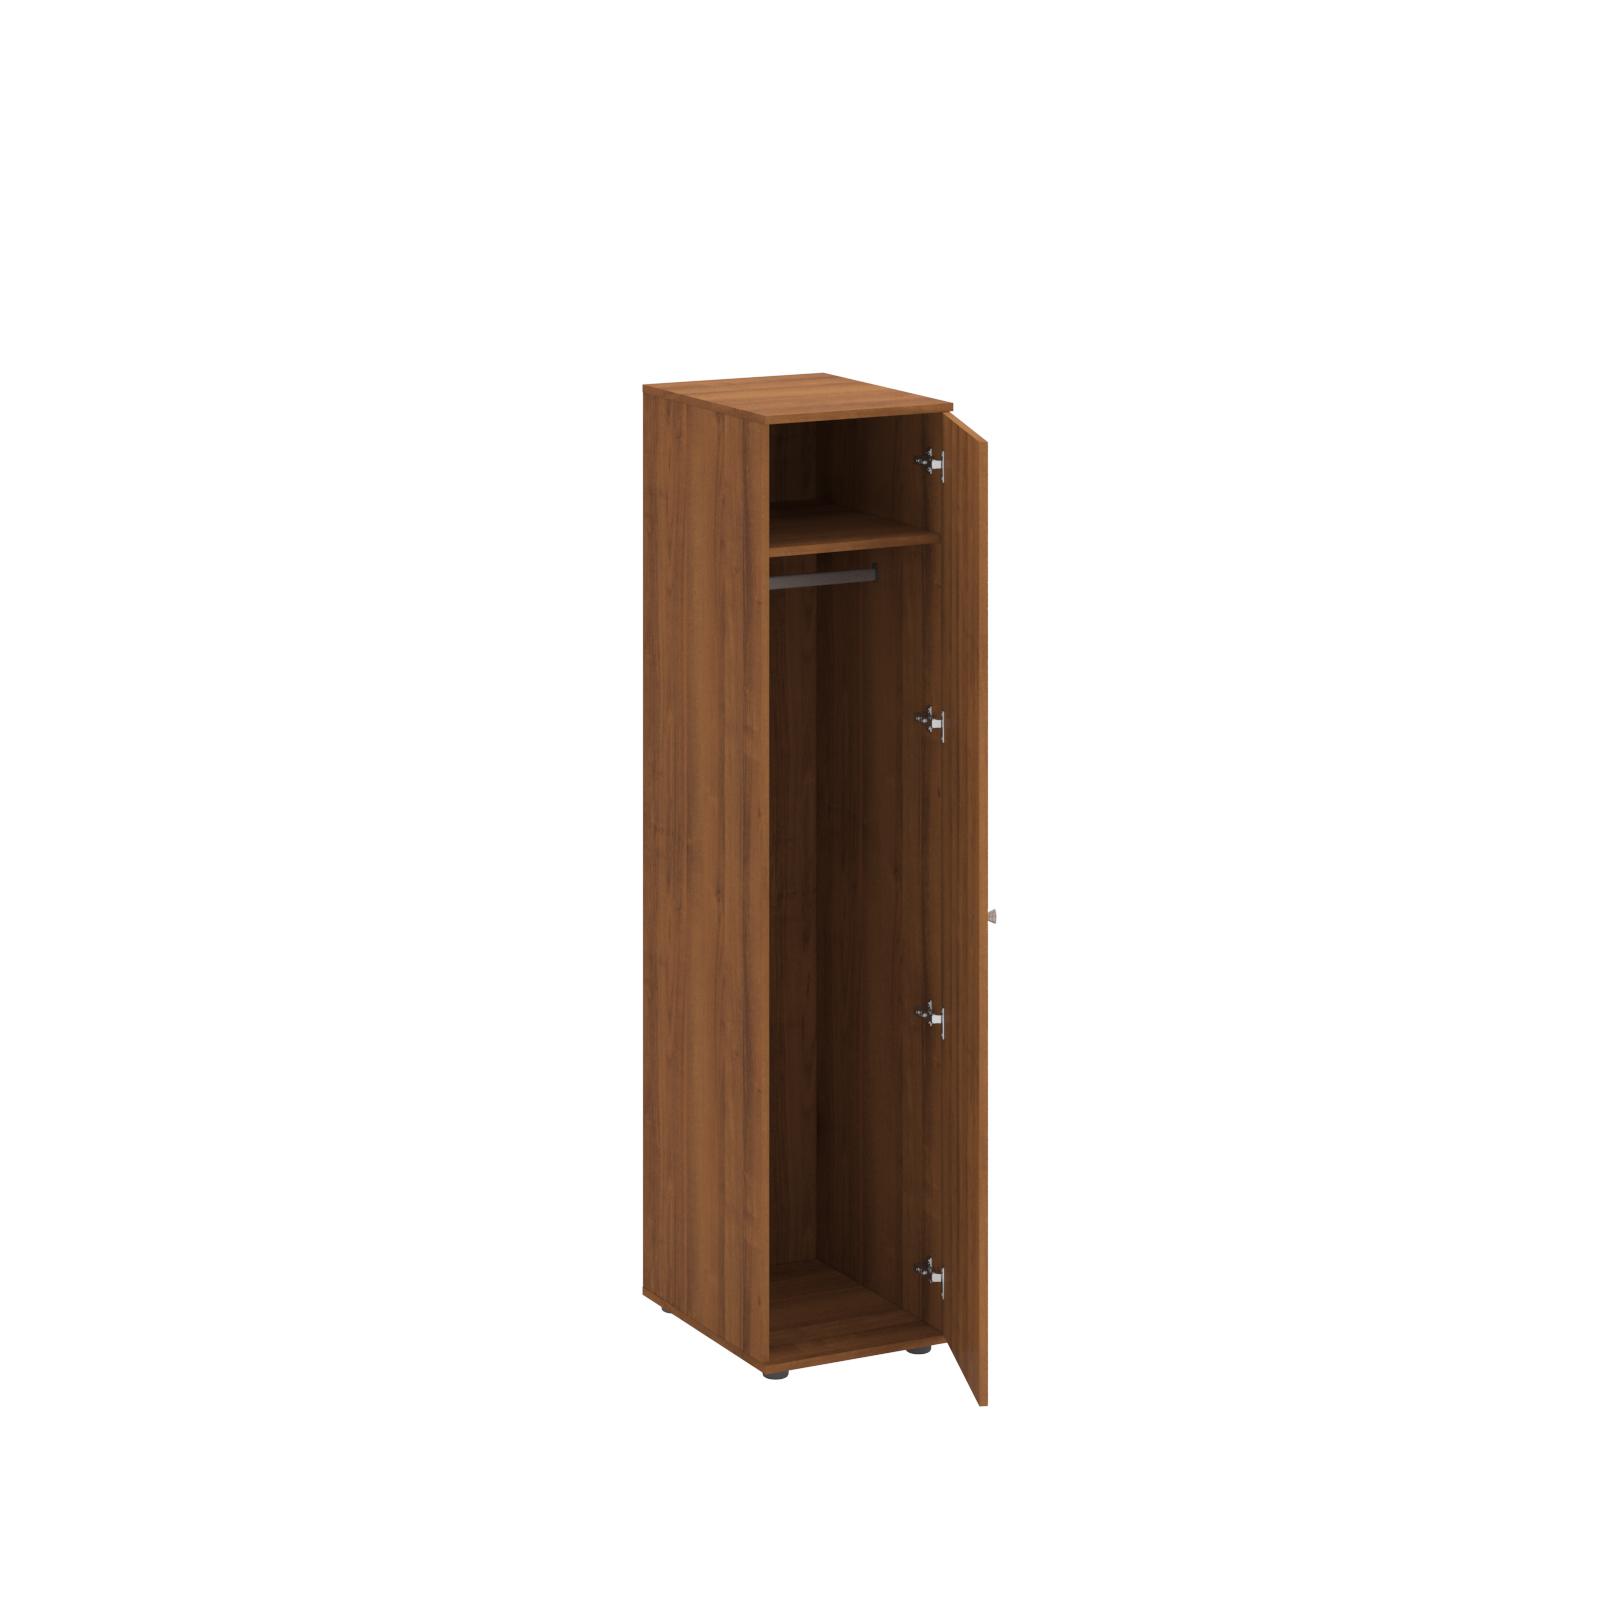 Шкаф для одежды одностворчатый (верхняя полка и штанга для вешалок)